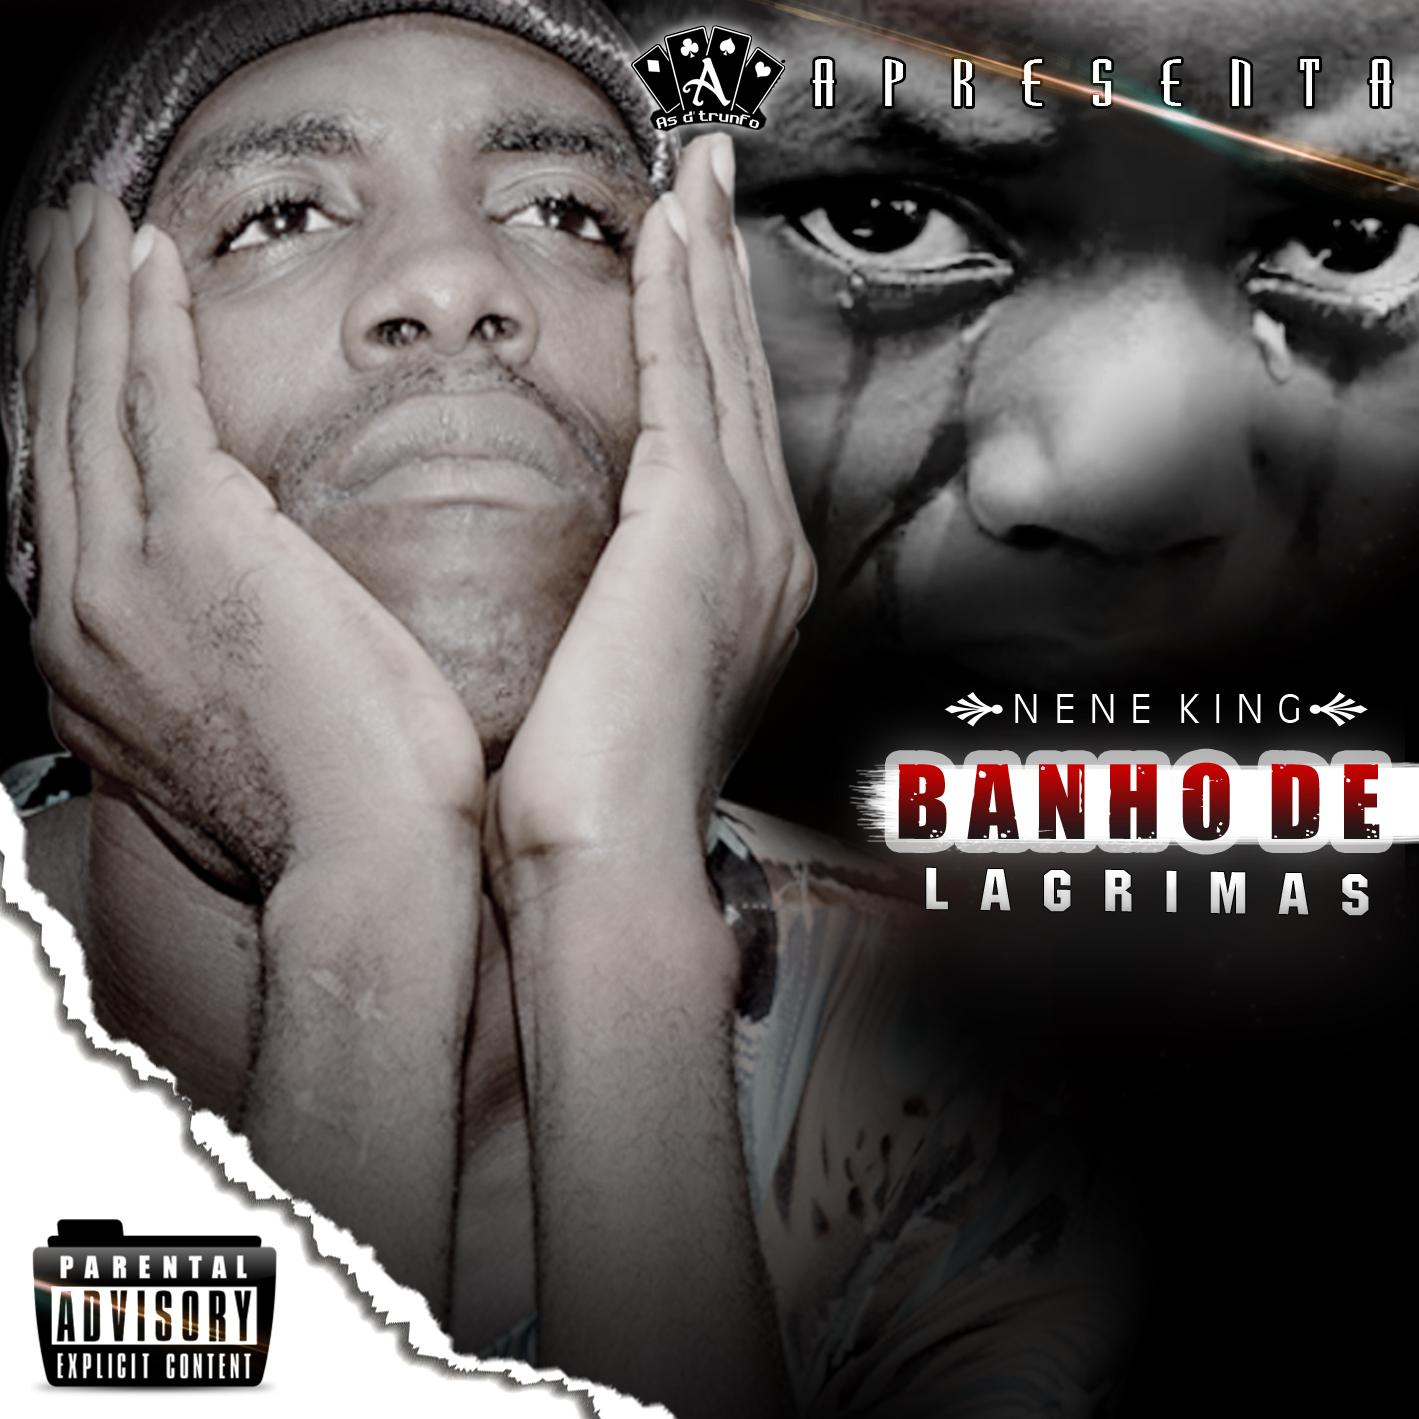 BANHO DE LAGRIMAS